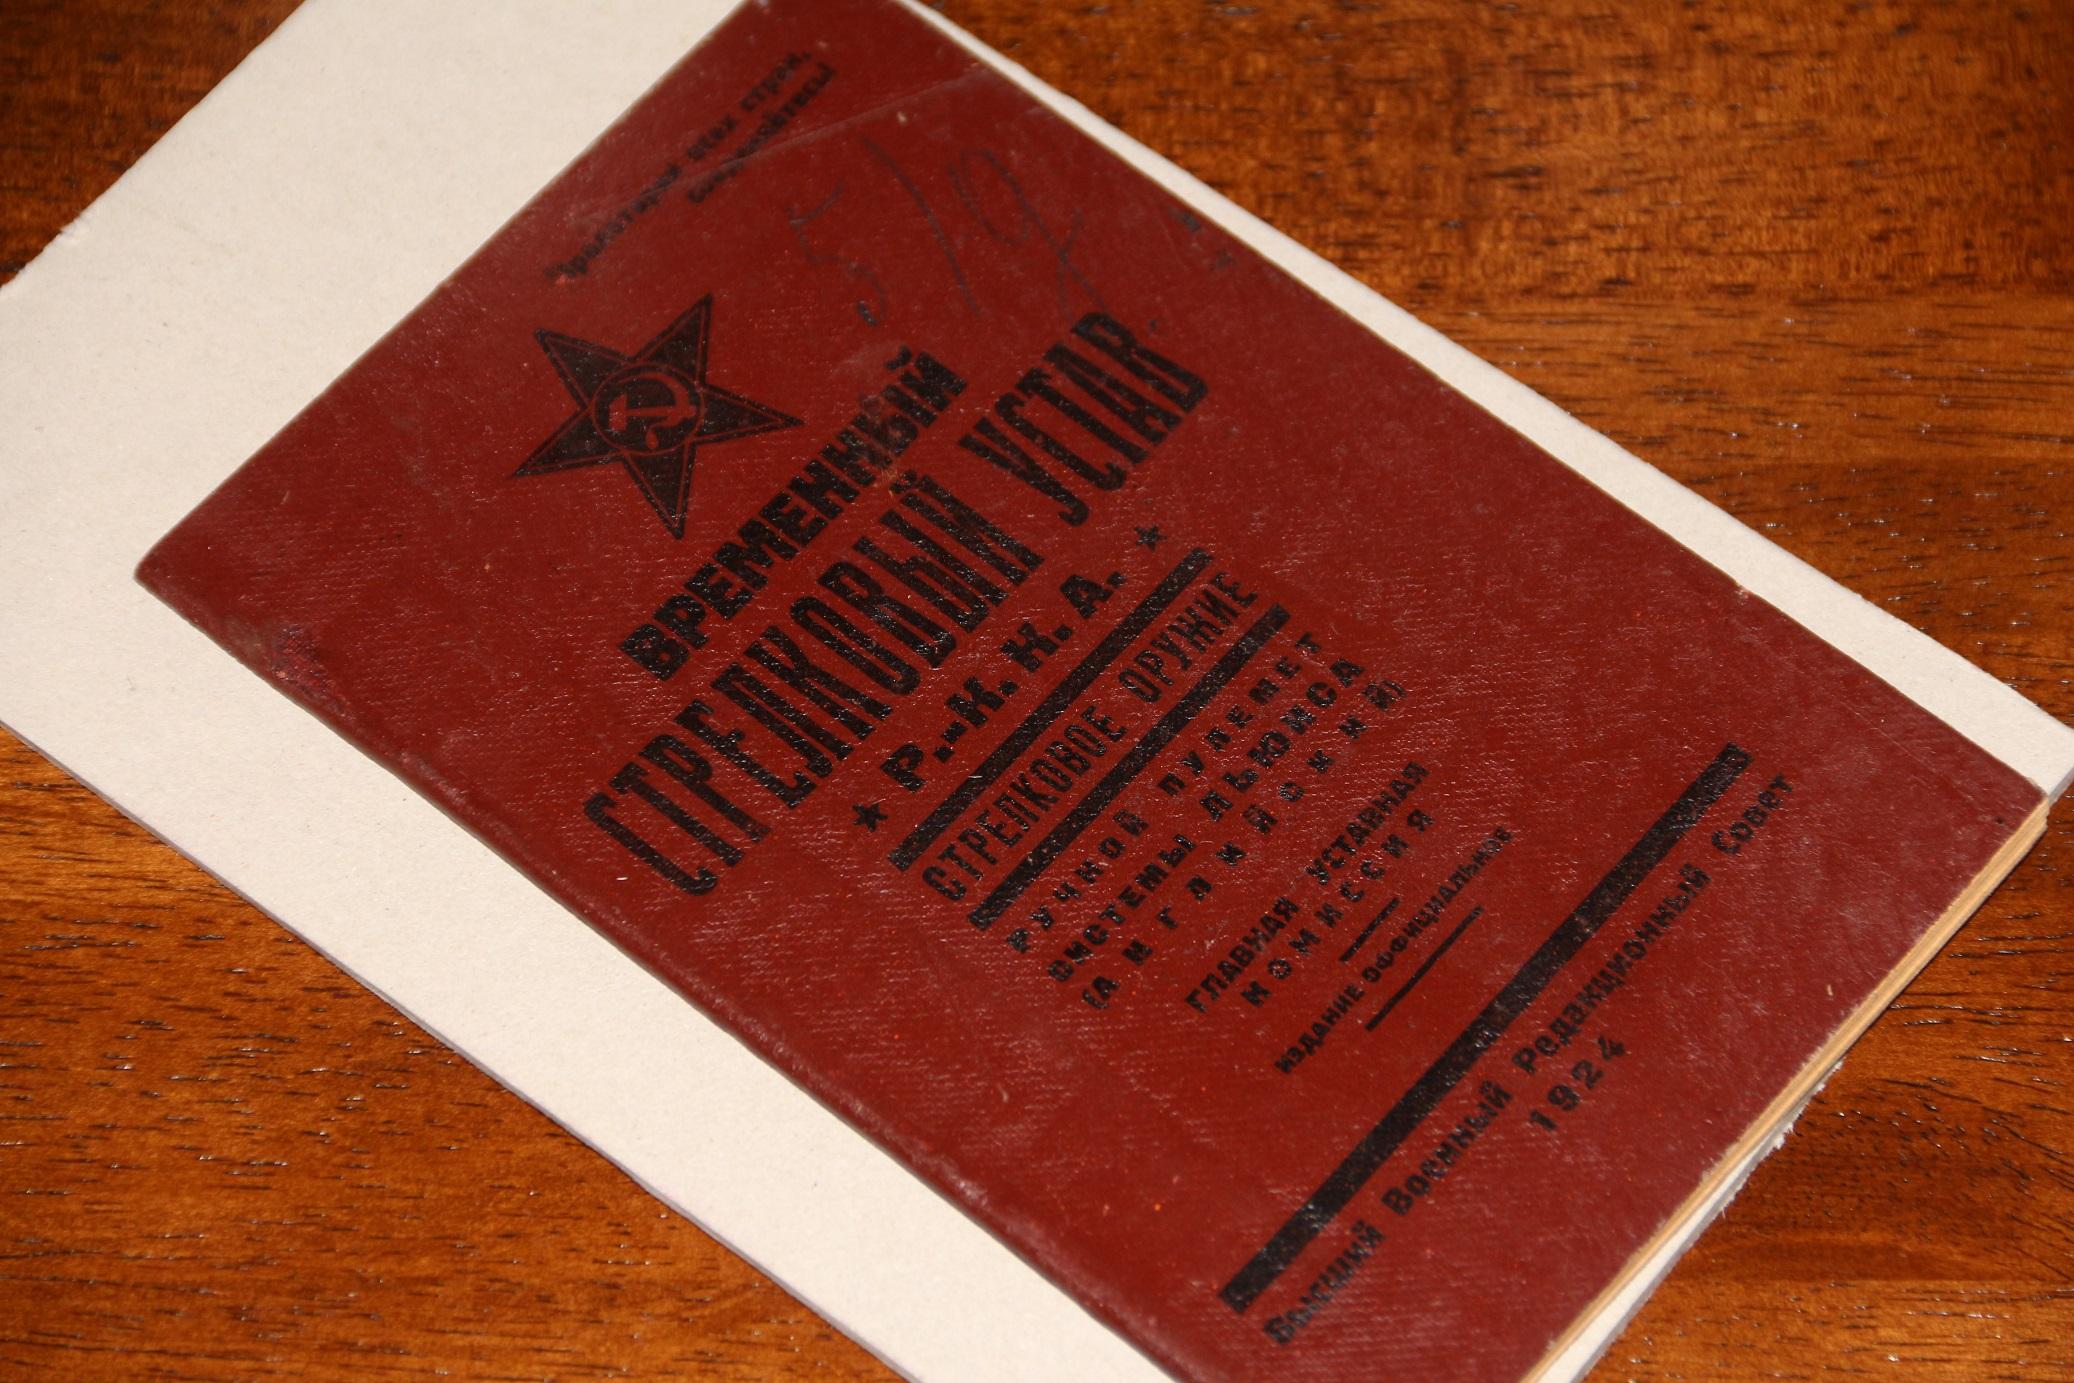 «Временный стрелковый устав РККА пулемет Льюис», СССР 1924 год